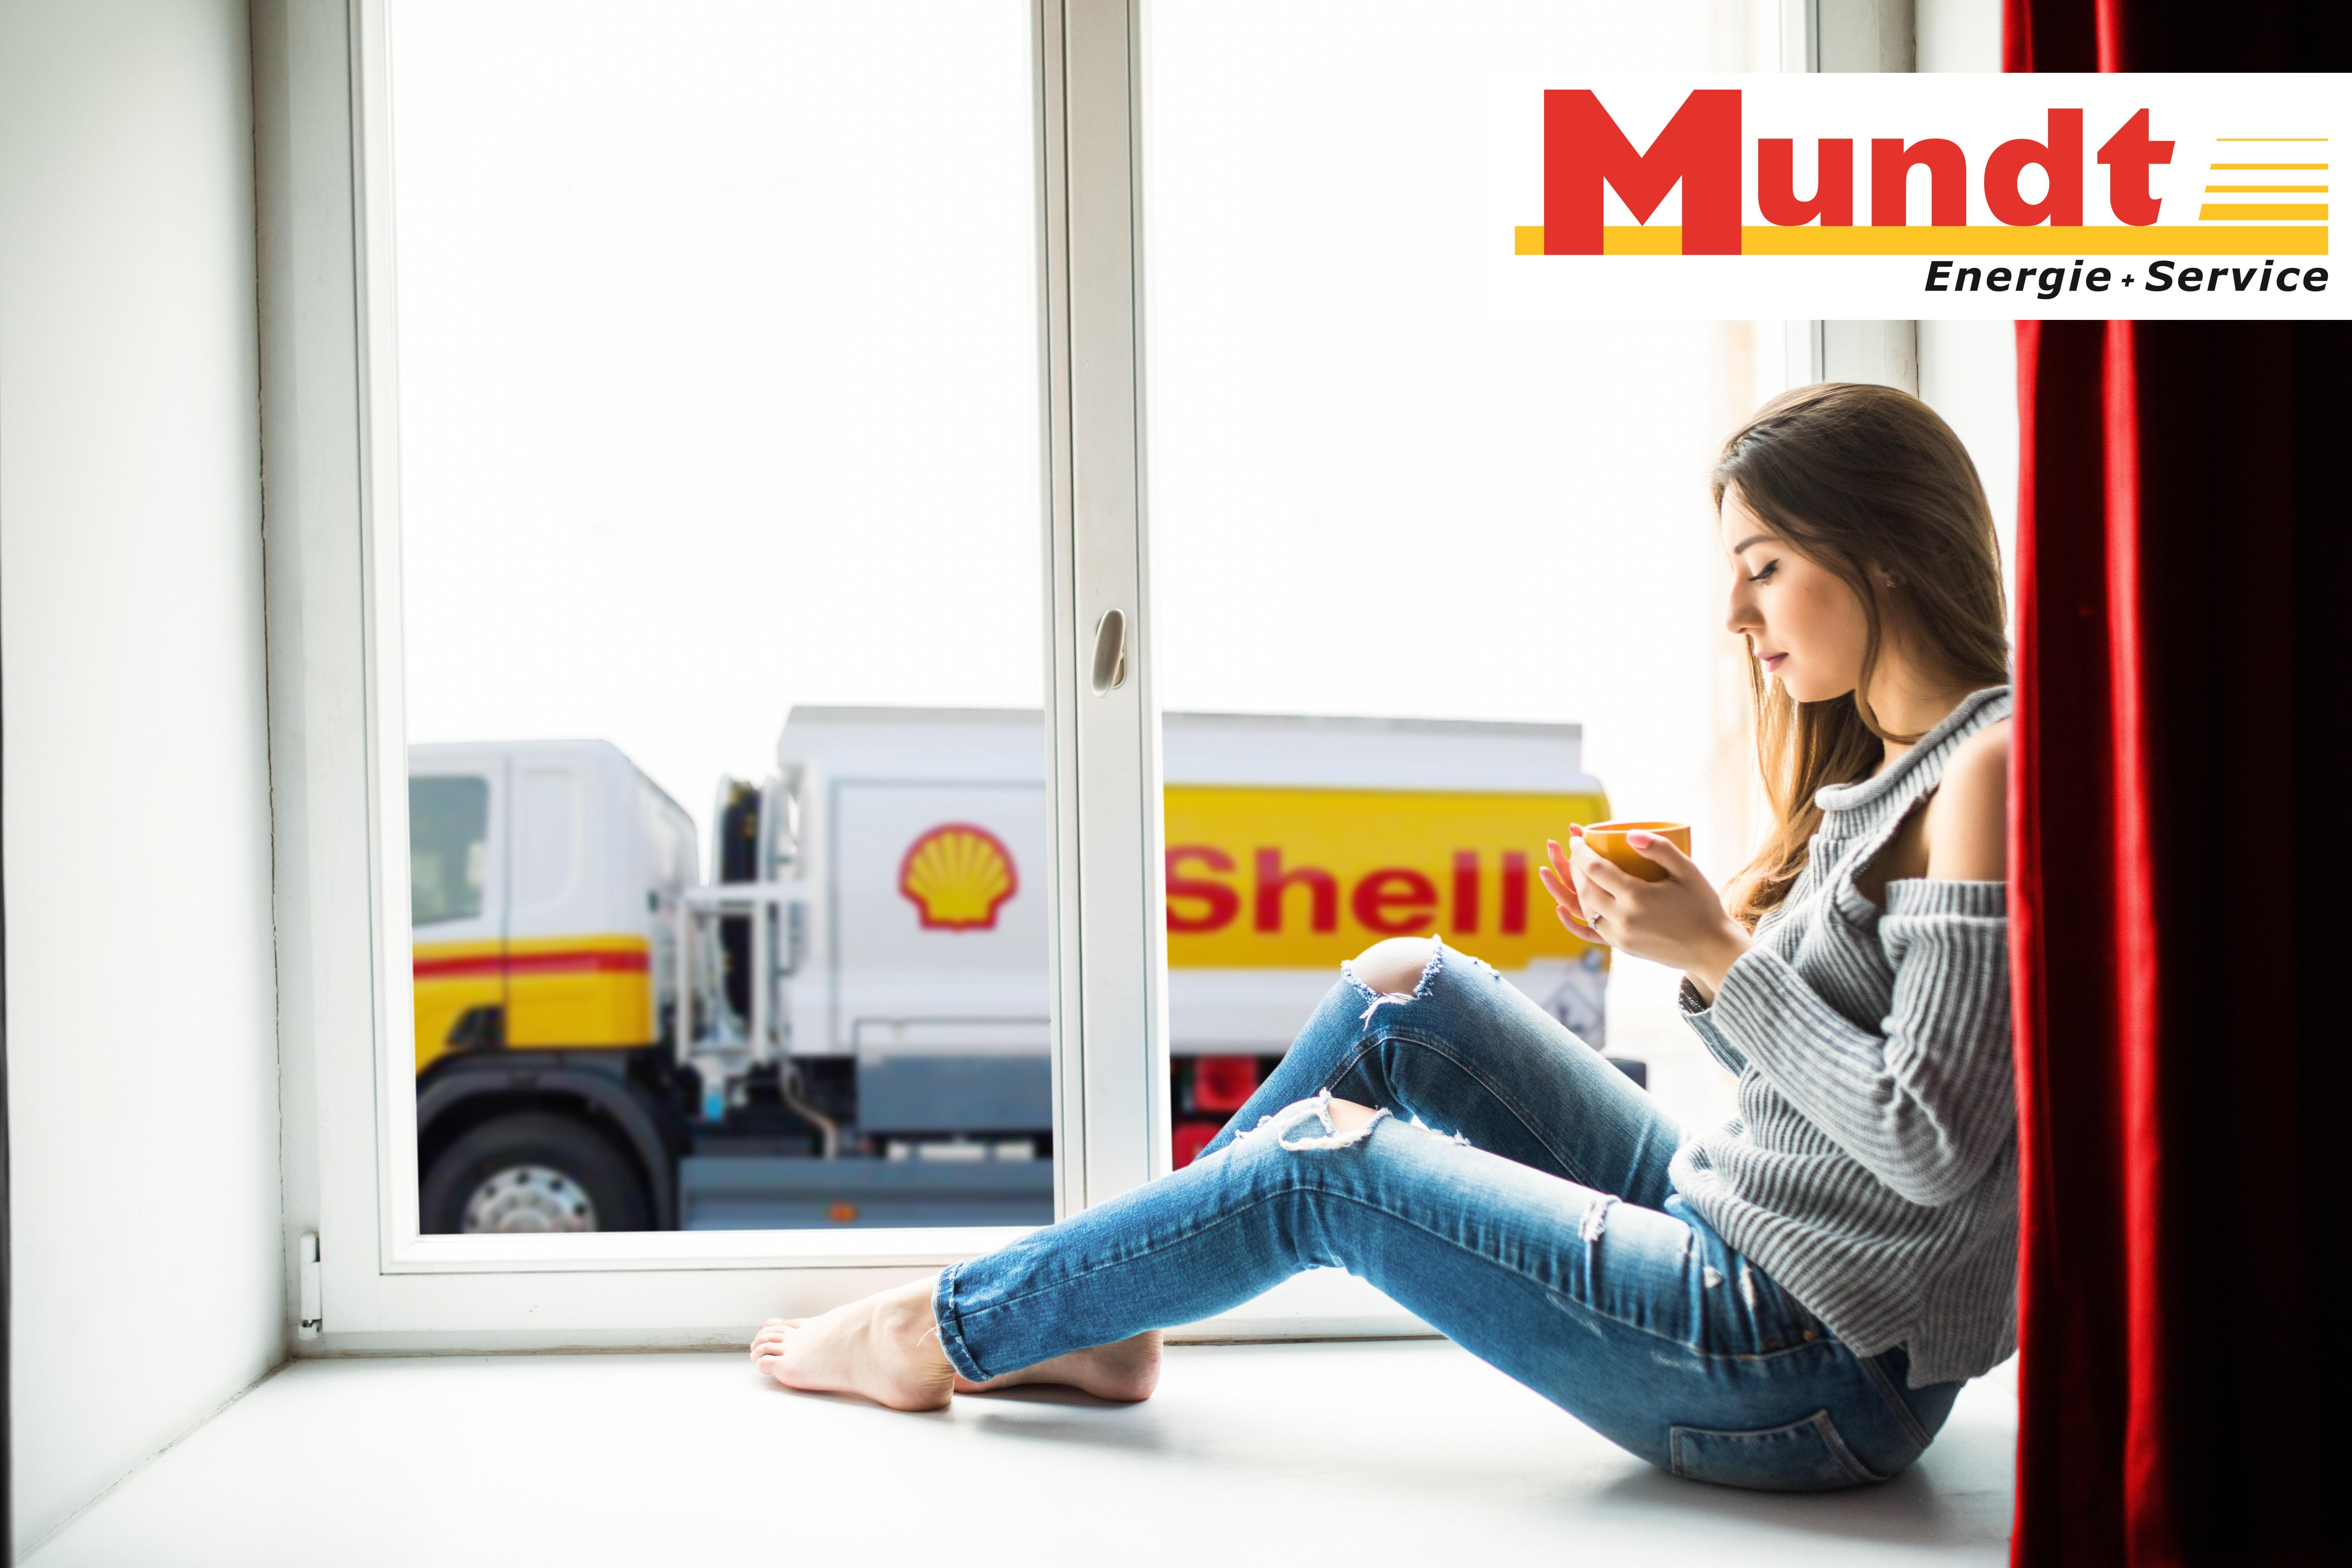 Bild der Mundt GmbH Hannover